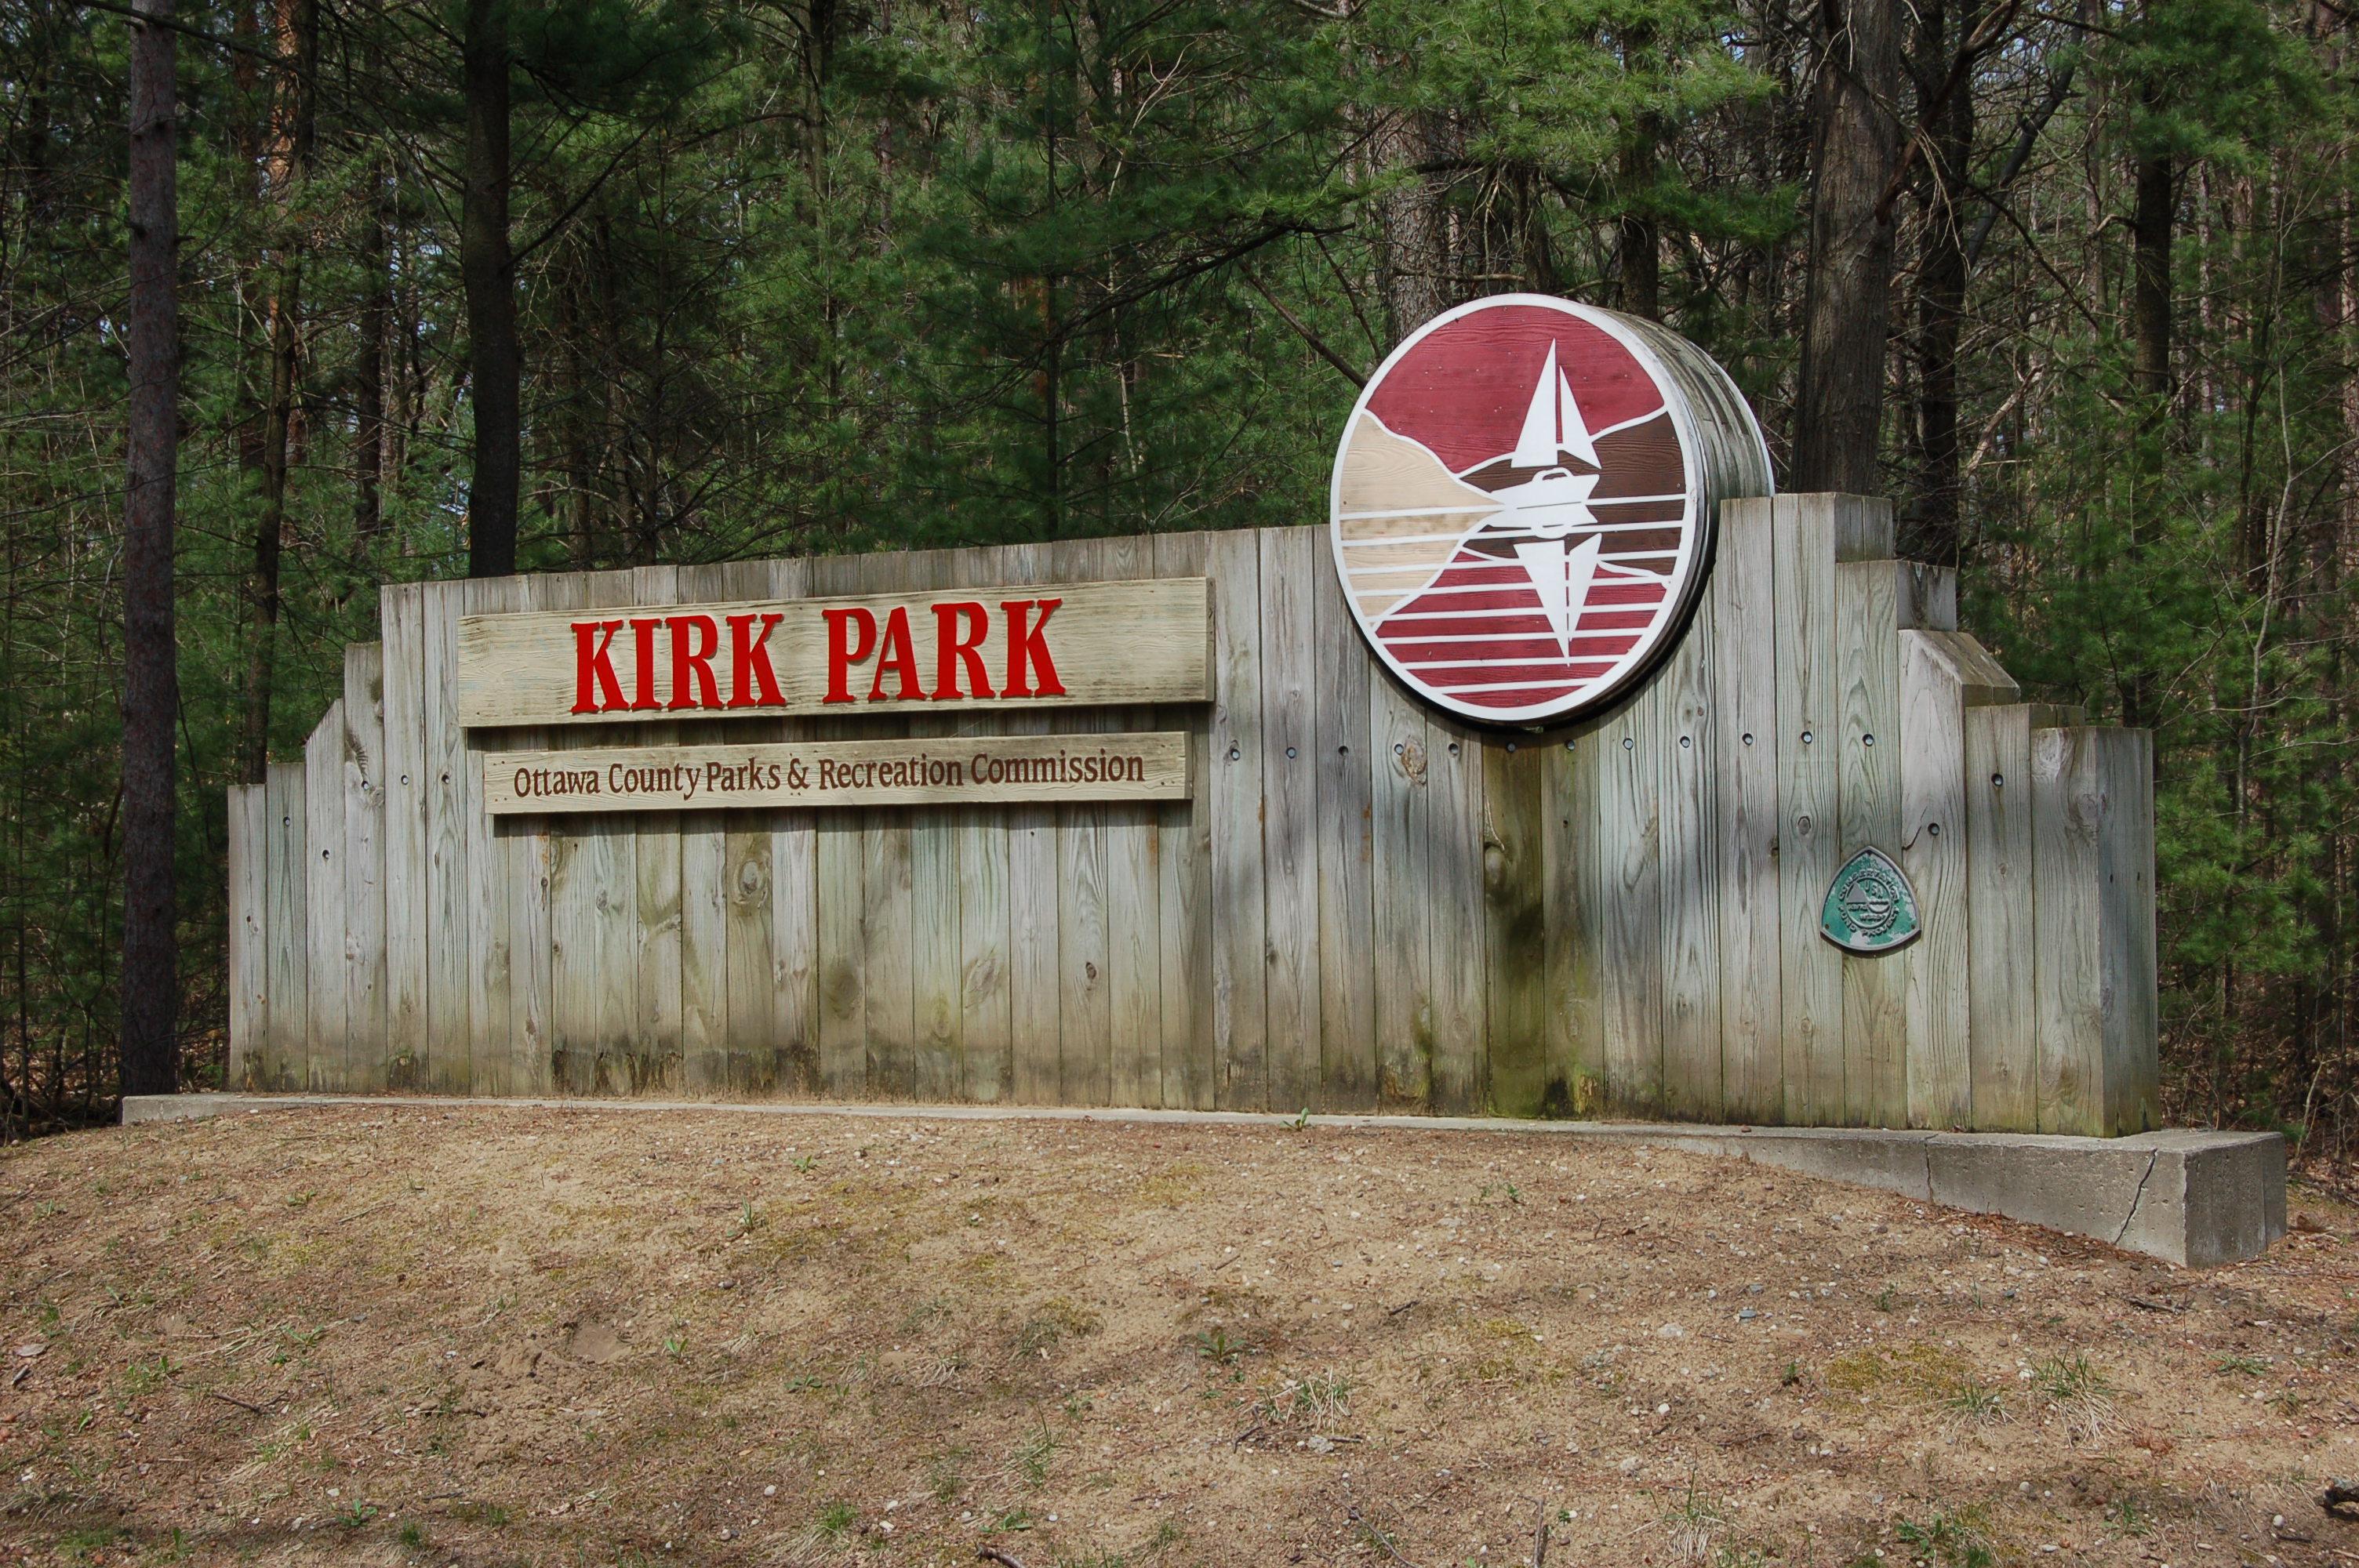 Kirk Park Sign